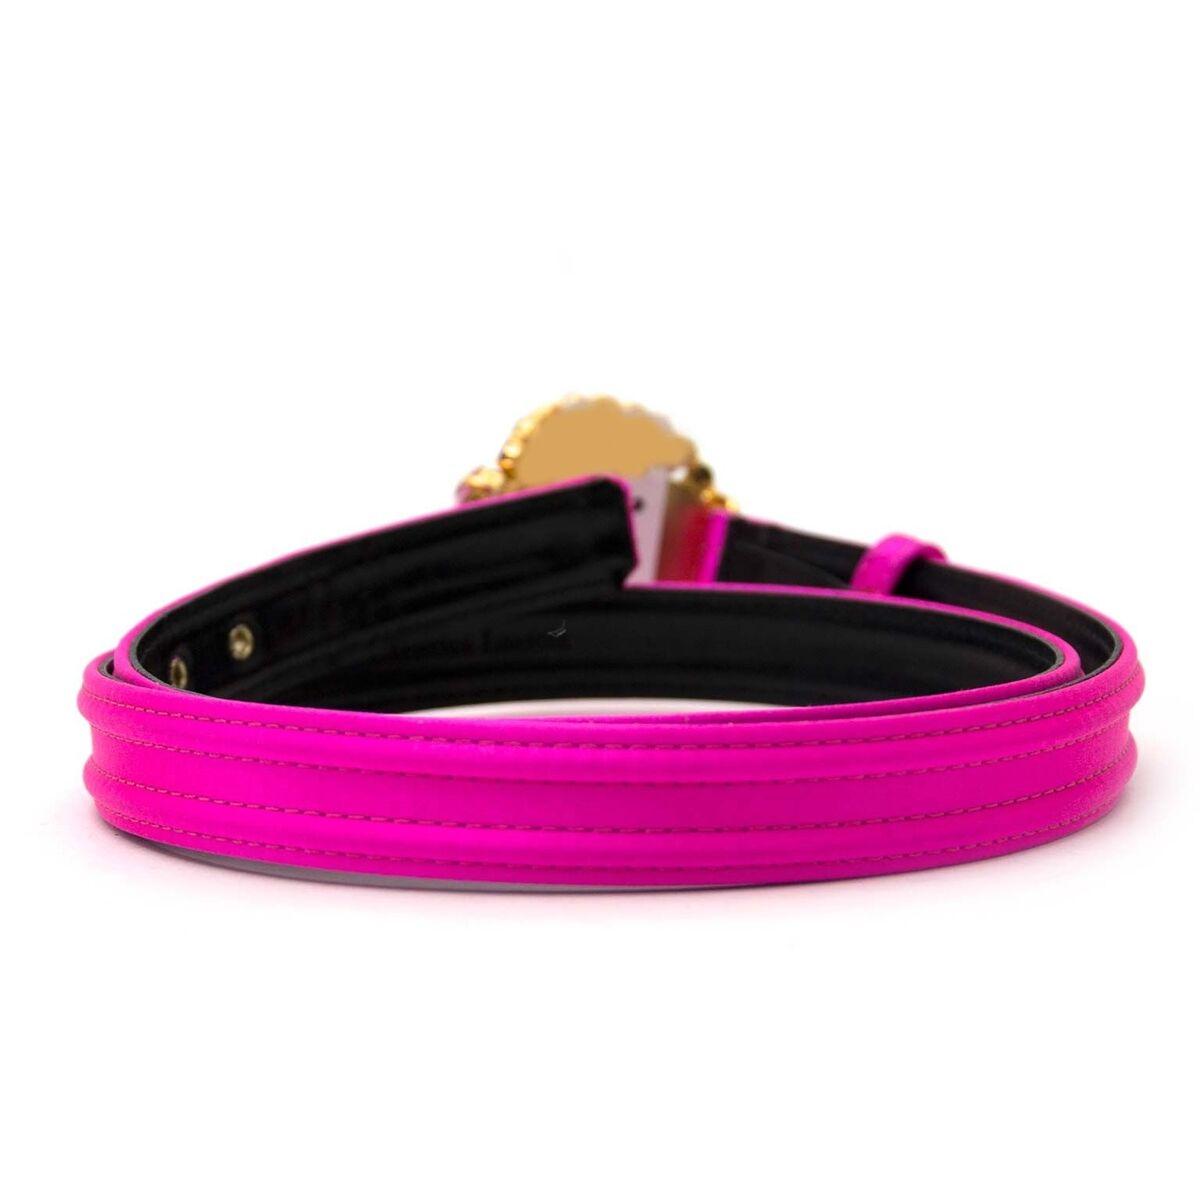 Koop authentieke tweedehands neon pink Christian Lacroix riem aan een eerlijke prijs bij LabelLOV. Veilig online shoppen.